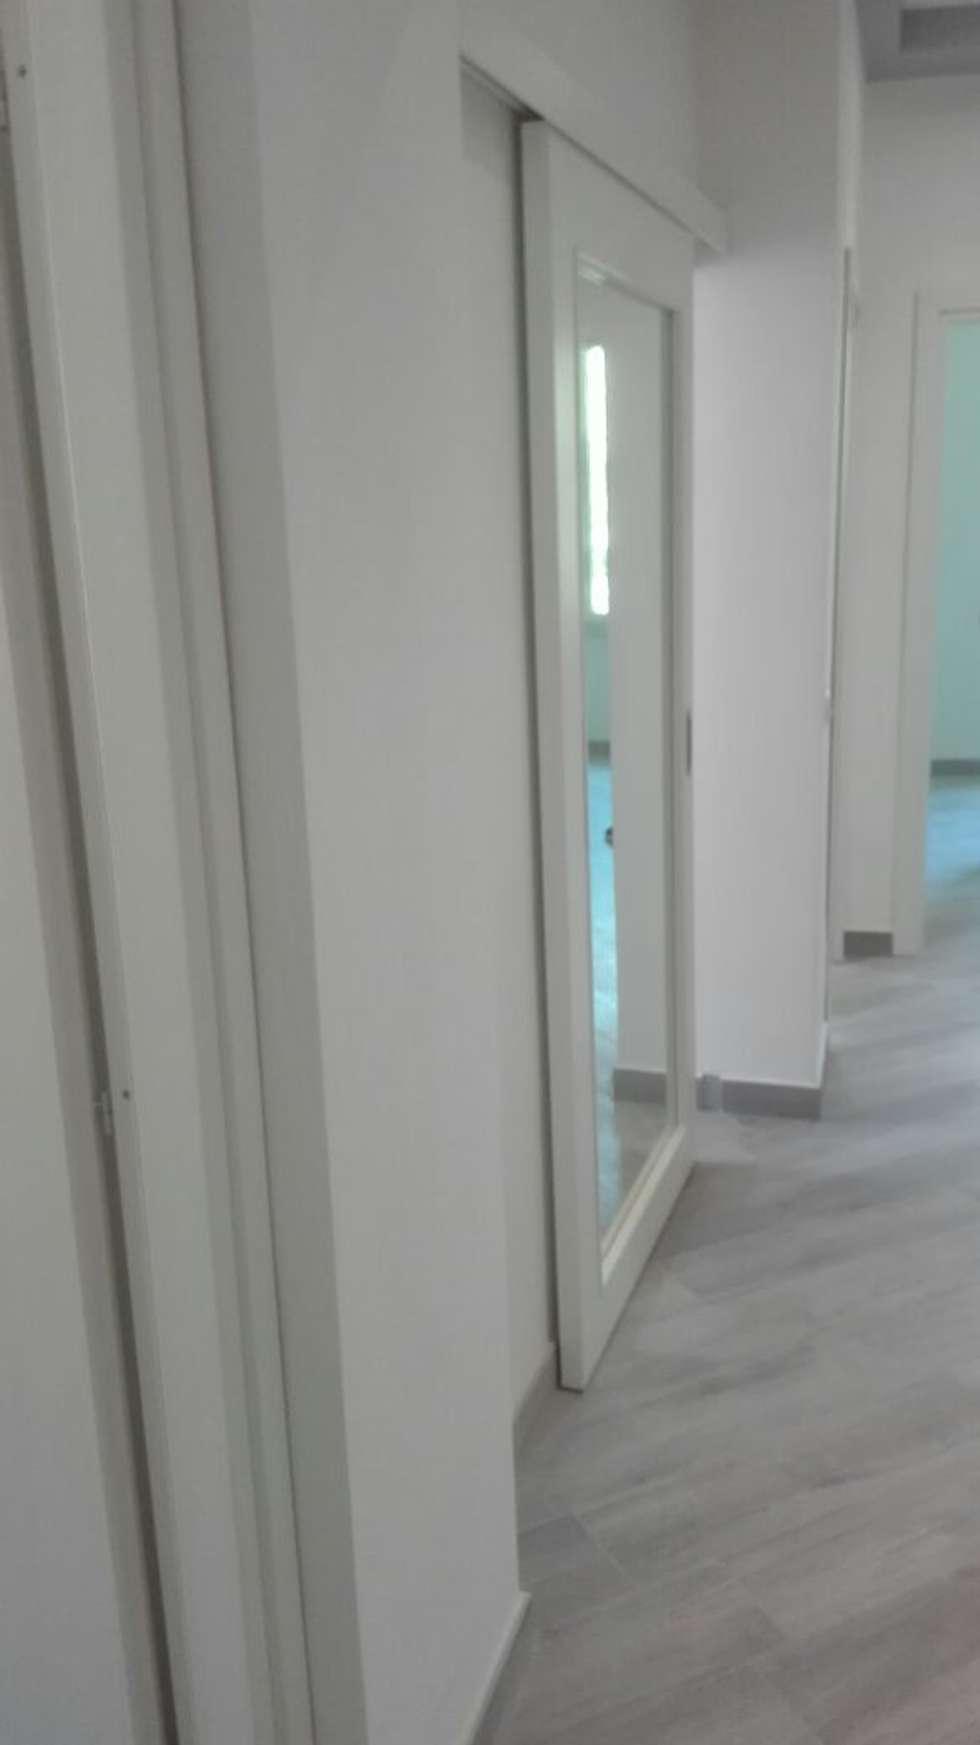 RISTRUTTURAZIONE APPARTAMENTO 2- post operam: Ingresso & Corridoio in stile  di HAPPY HABITAT - STUDIO DI ARCHITETTURA SABRINA AURELI